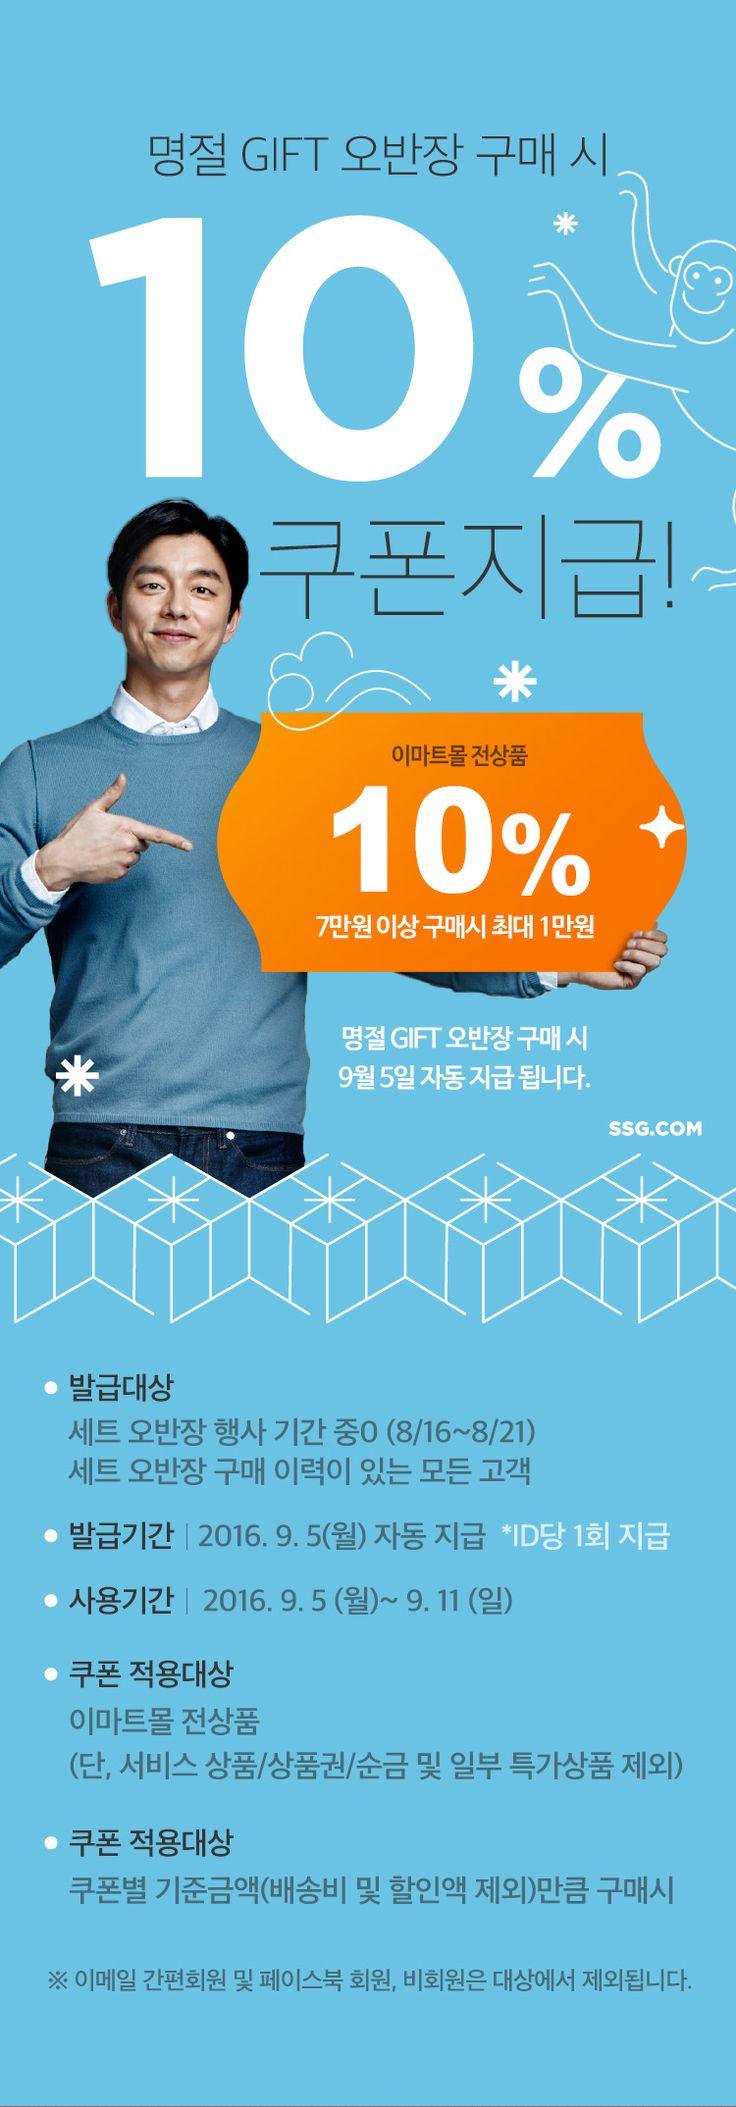 명절 GIFT 오반장 구매 시 10% 쿠폰 지급!